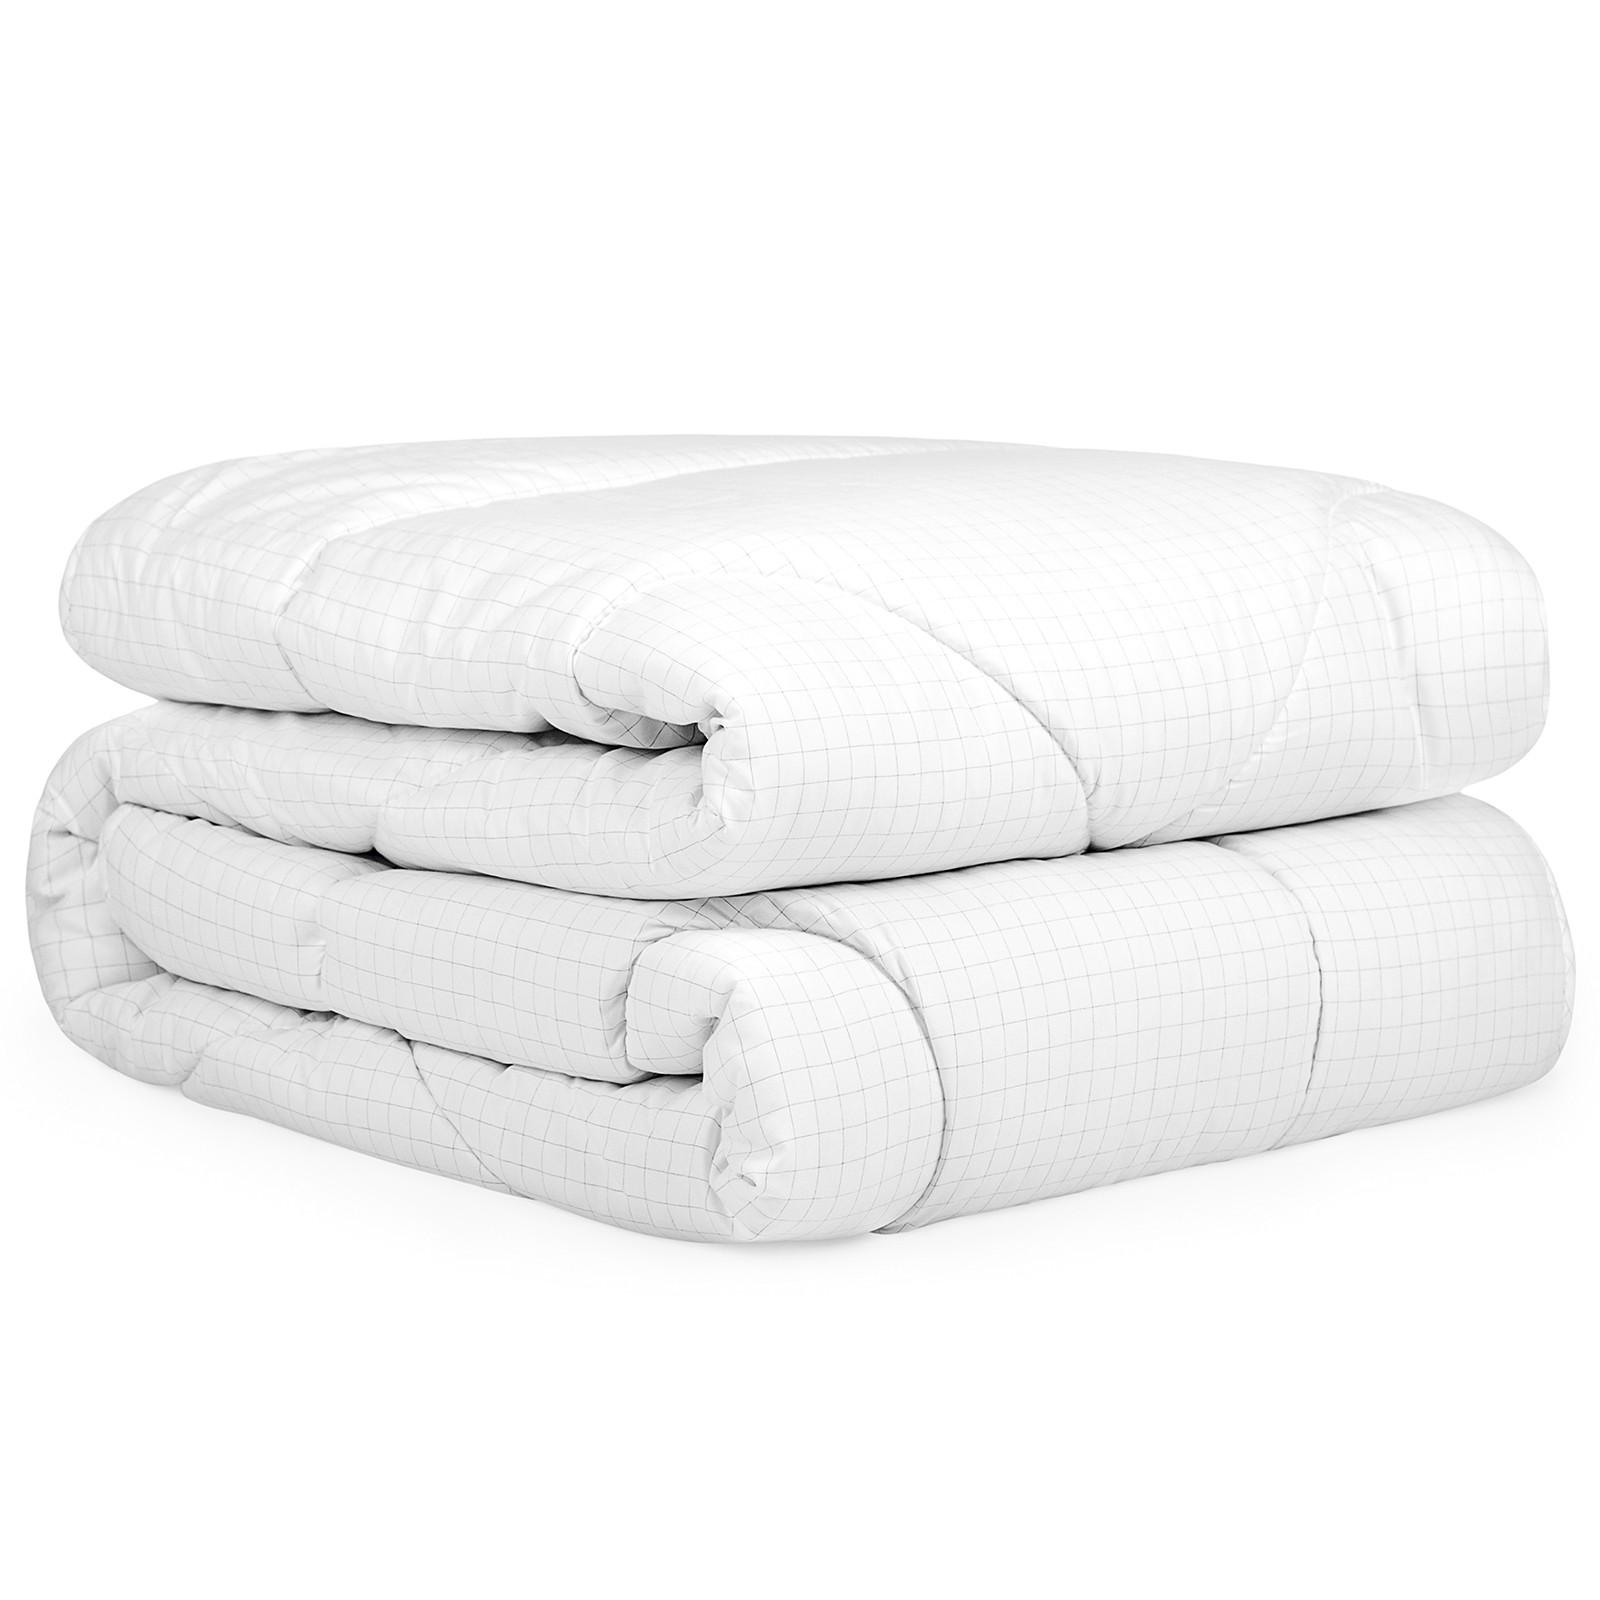 где купить Одеяла CLASSIC by T Одеяло Антистресс Всесезонное (140х200 см) по лучшей цене